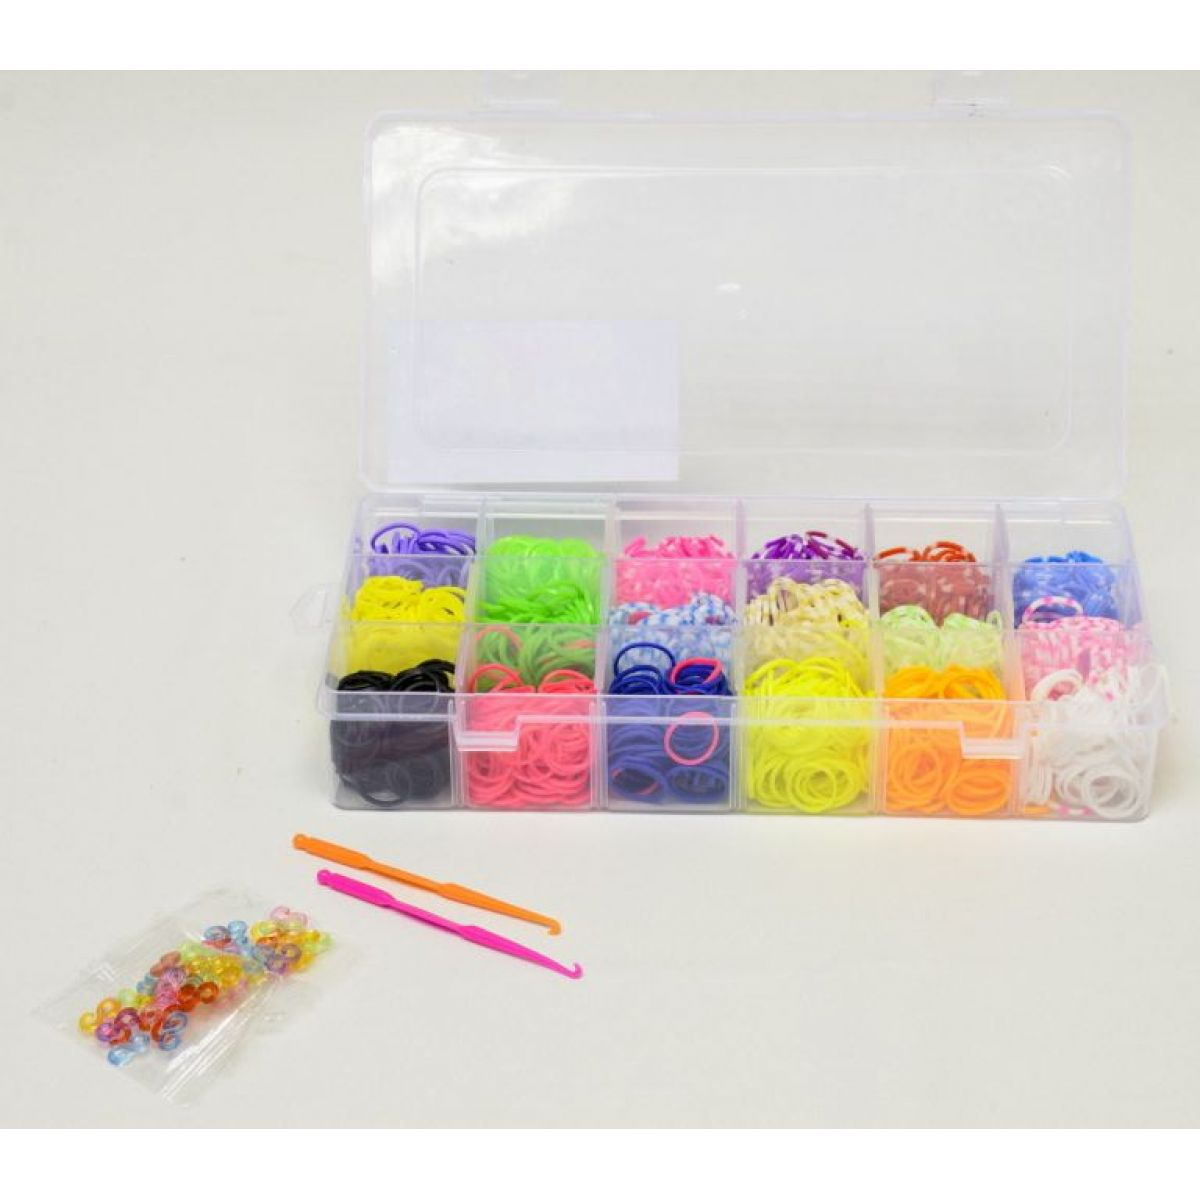 Teddies Udělej si svůj vlastní náramek 1440ks gumiček v krabičce